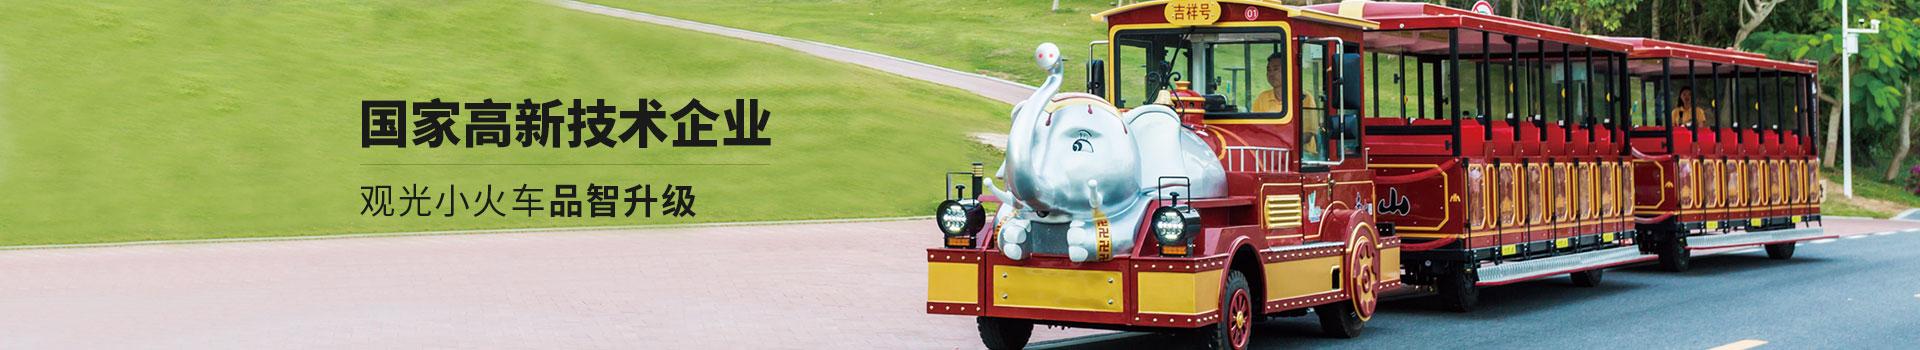 国家高新技术企业 观光小火车品智升级